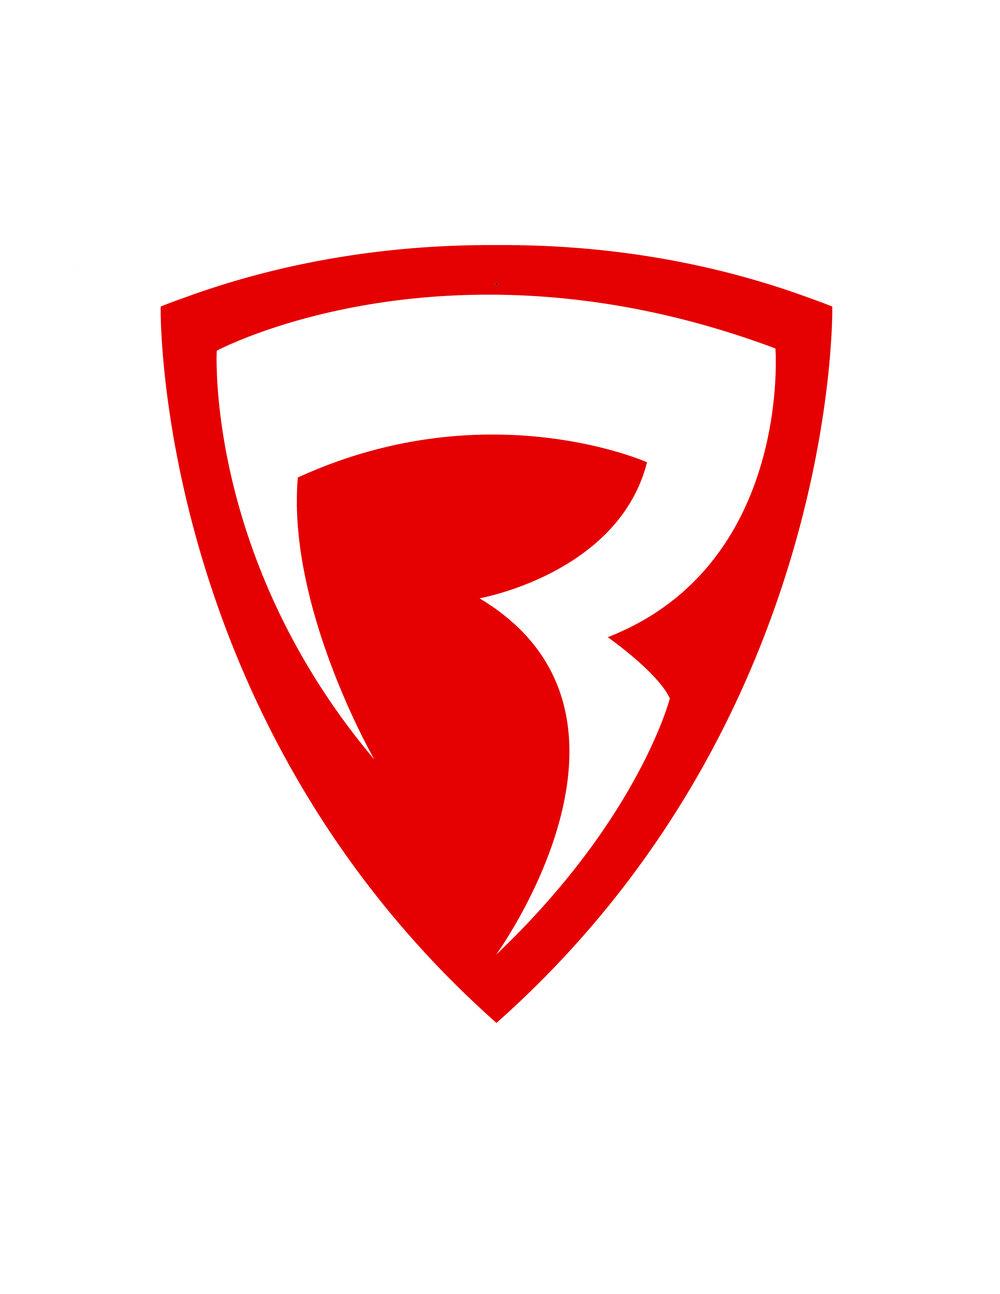 redline stickers 2.jpg